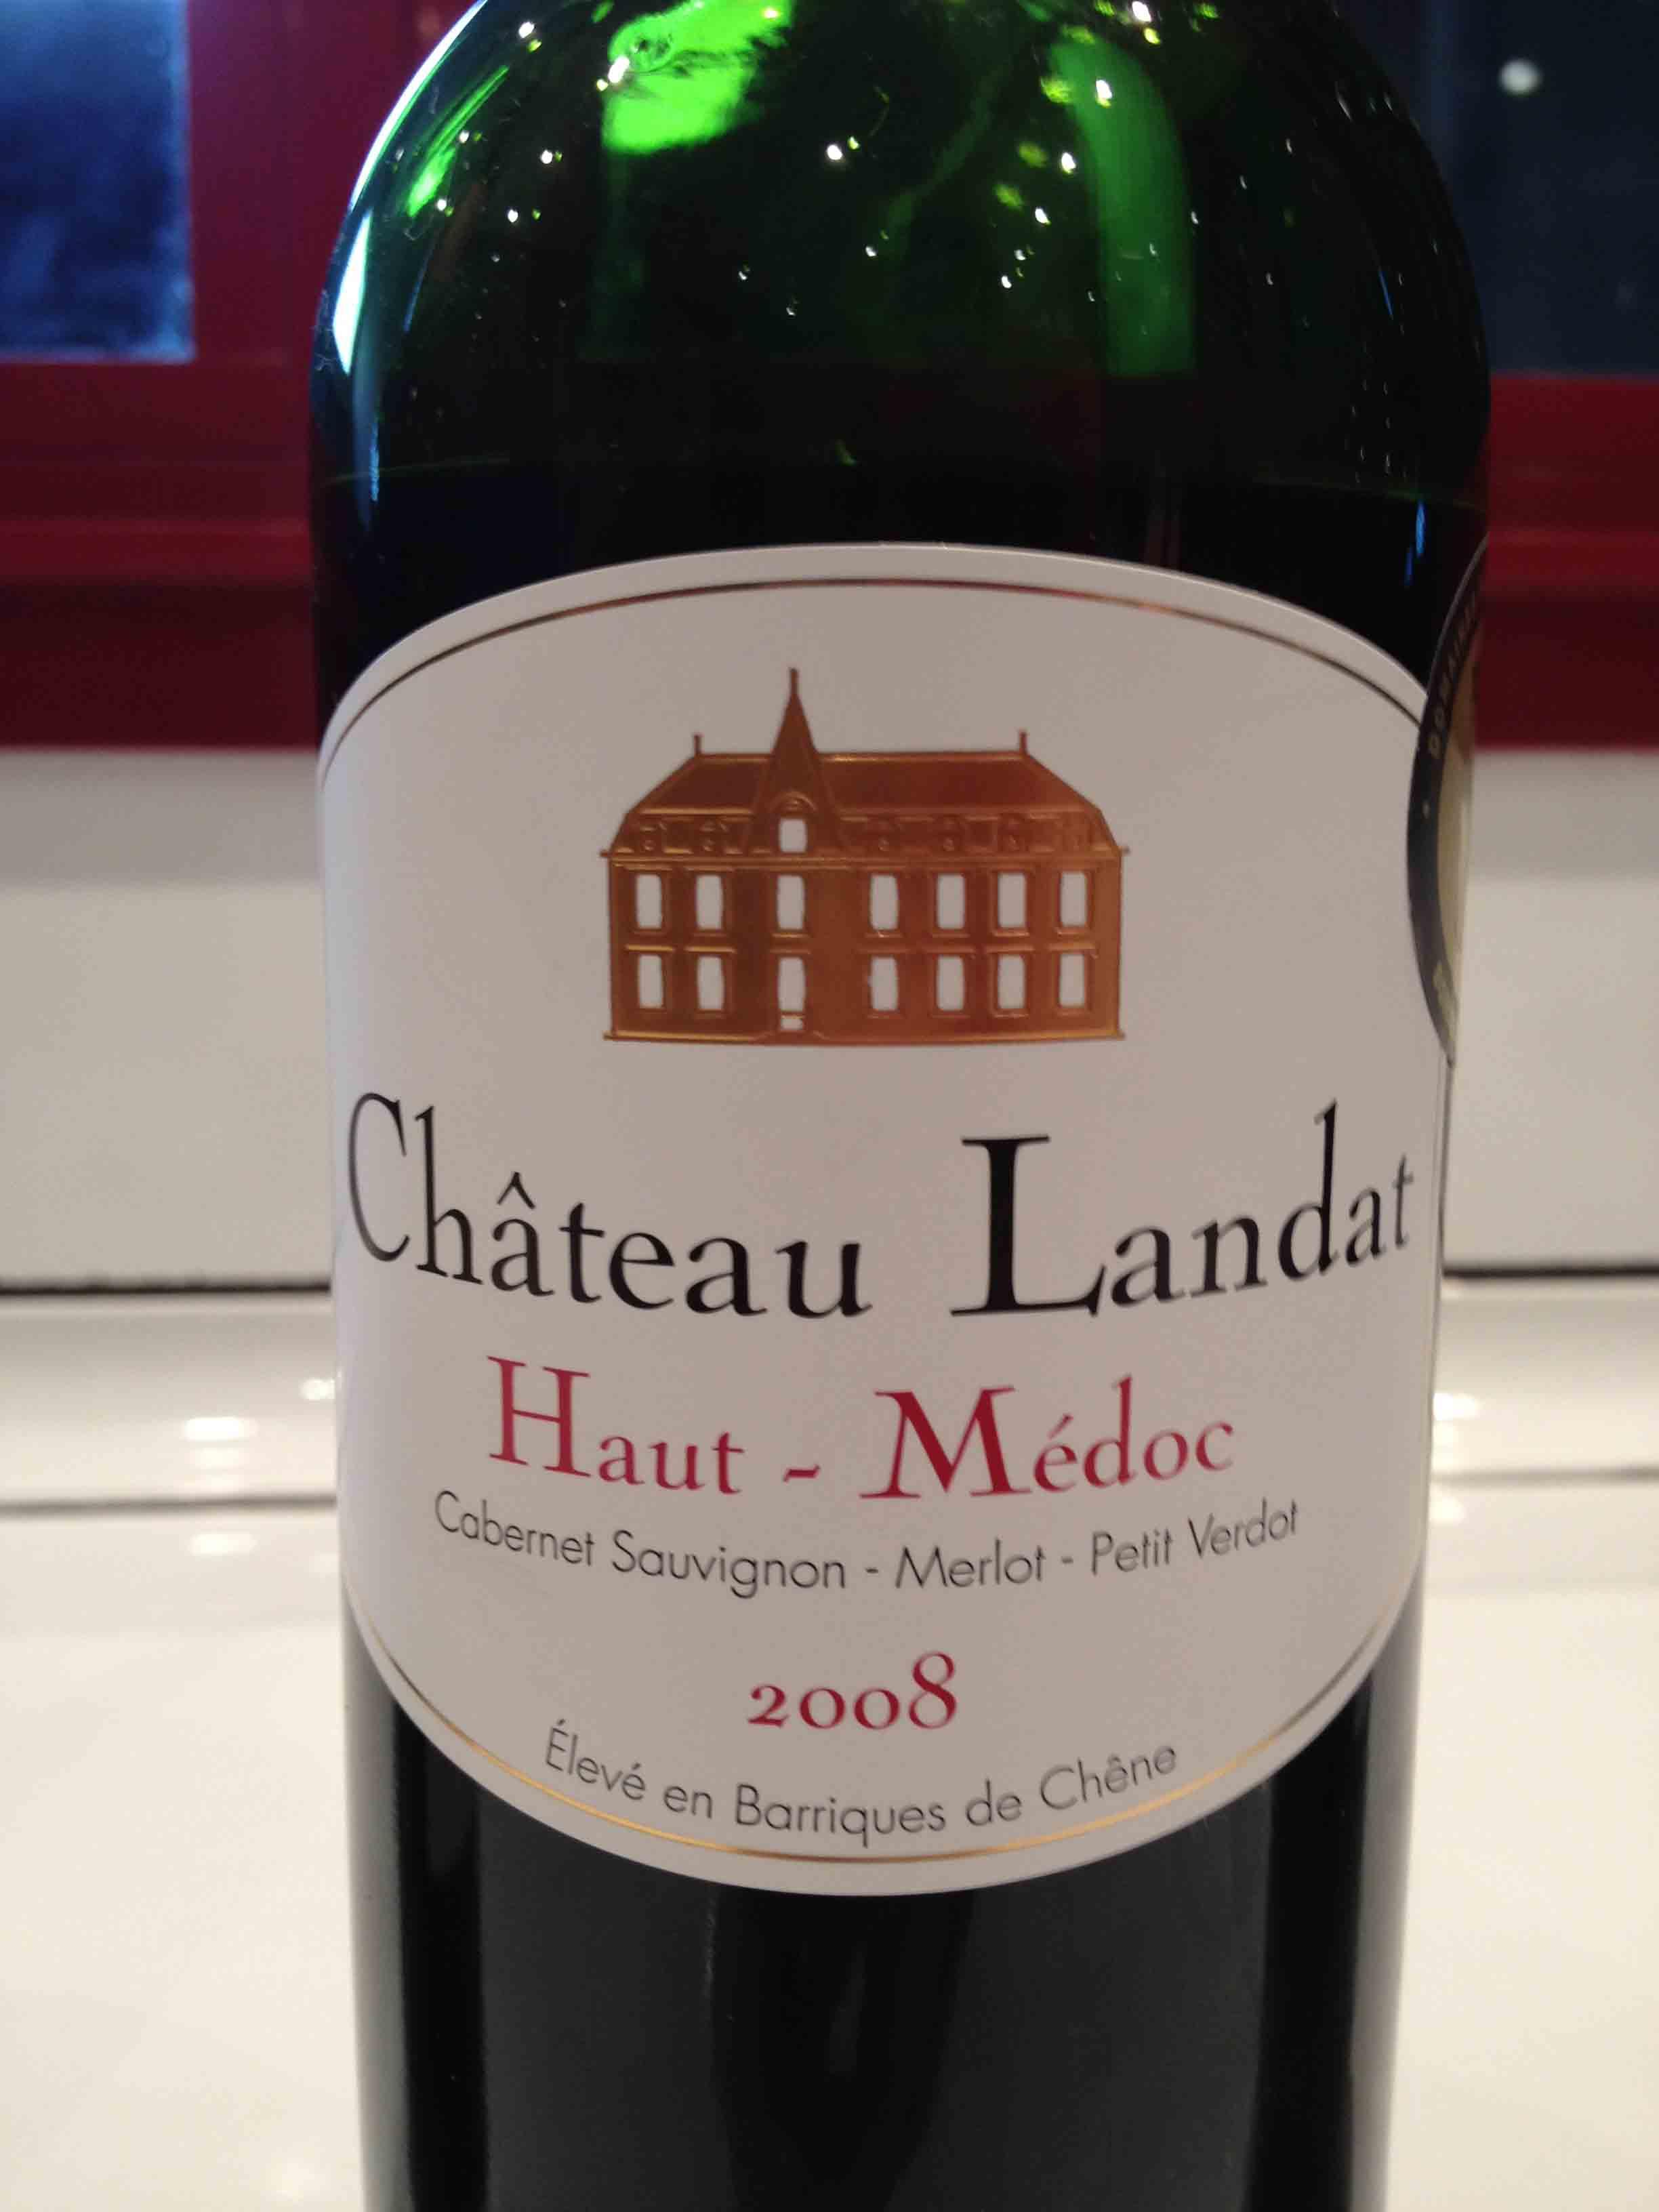 Château Landat 2008 – Haut-Médoc